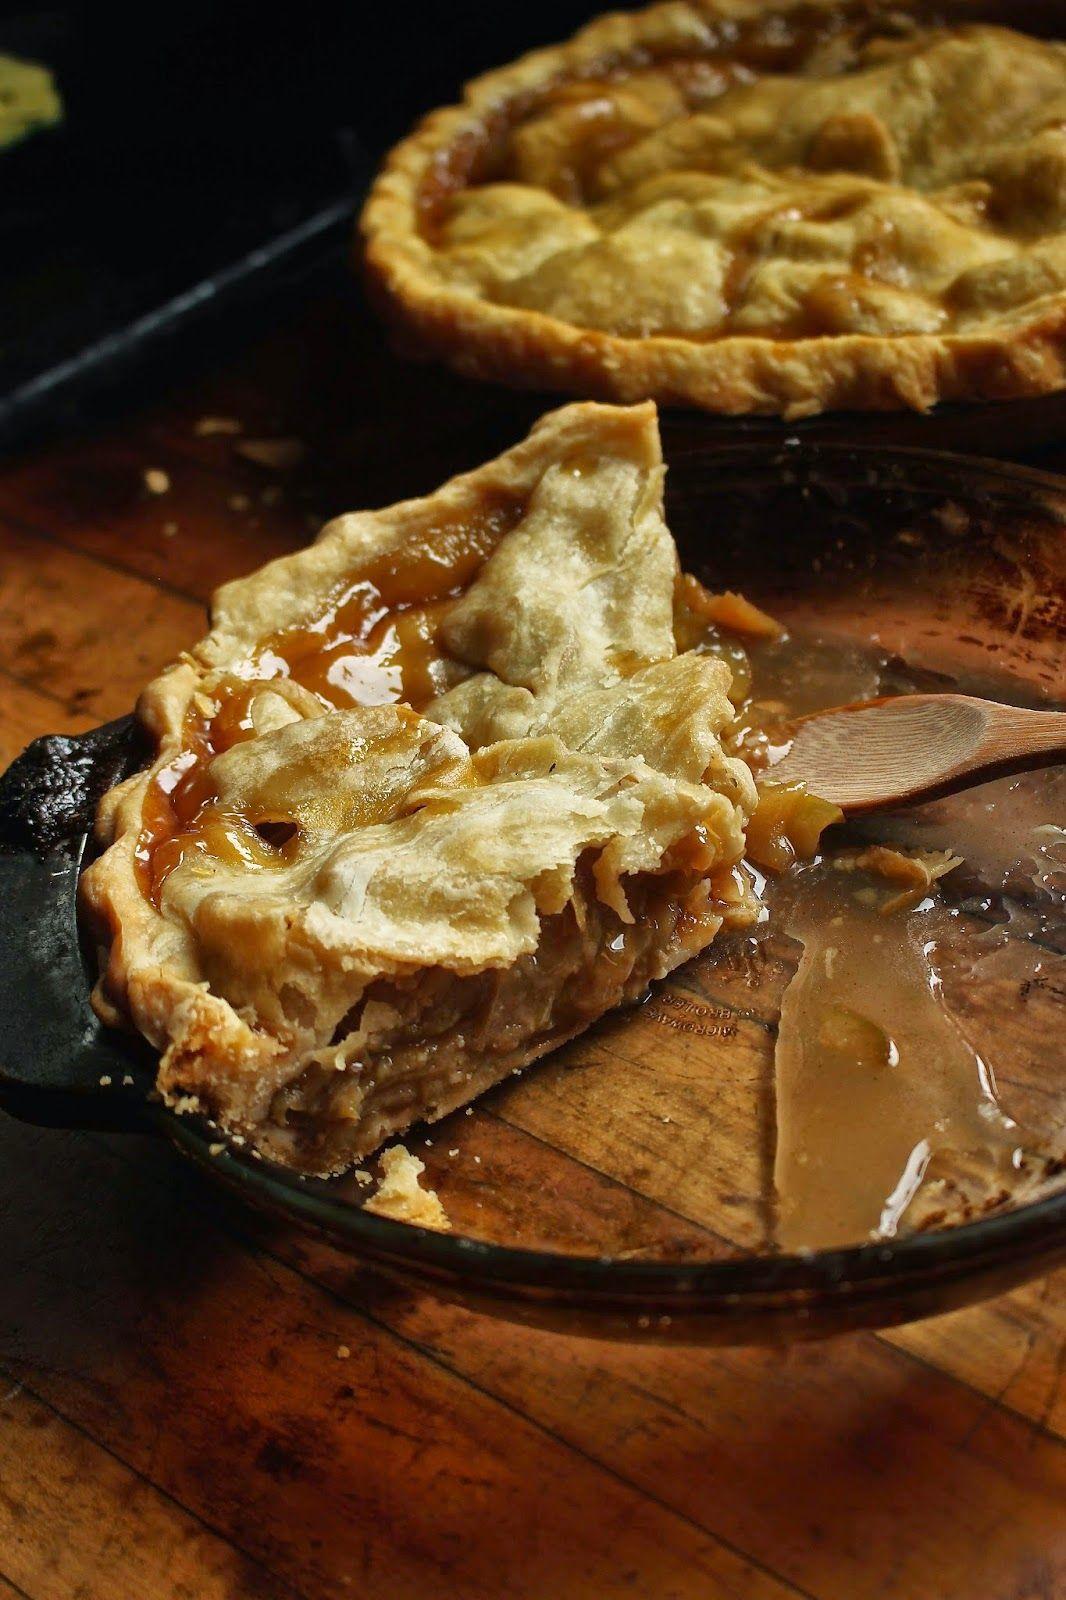 Macrofood Everyday: Making Apple Pie!! Vegan Apple Pie